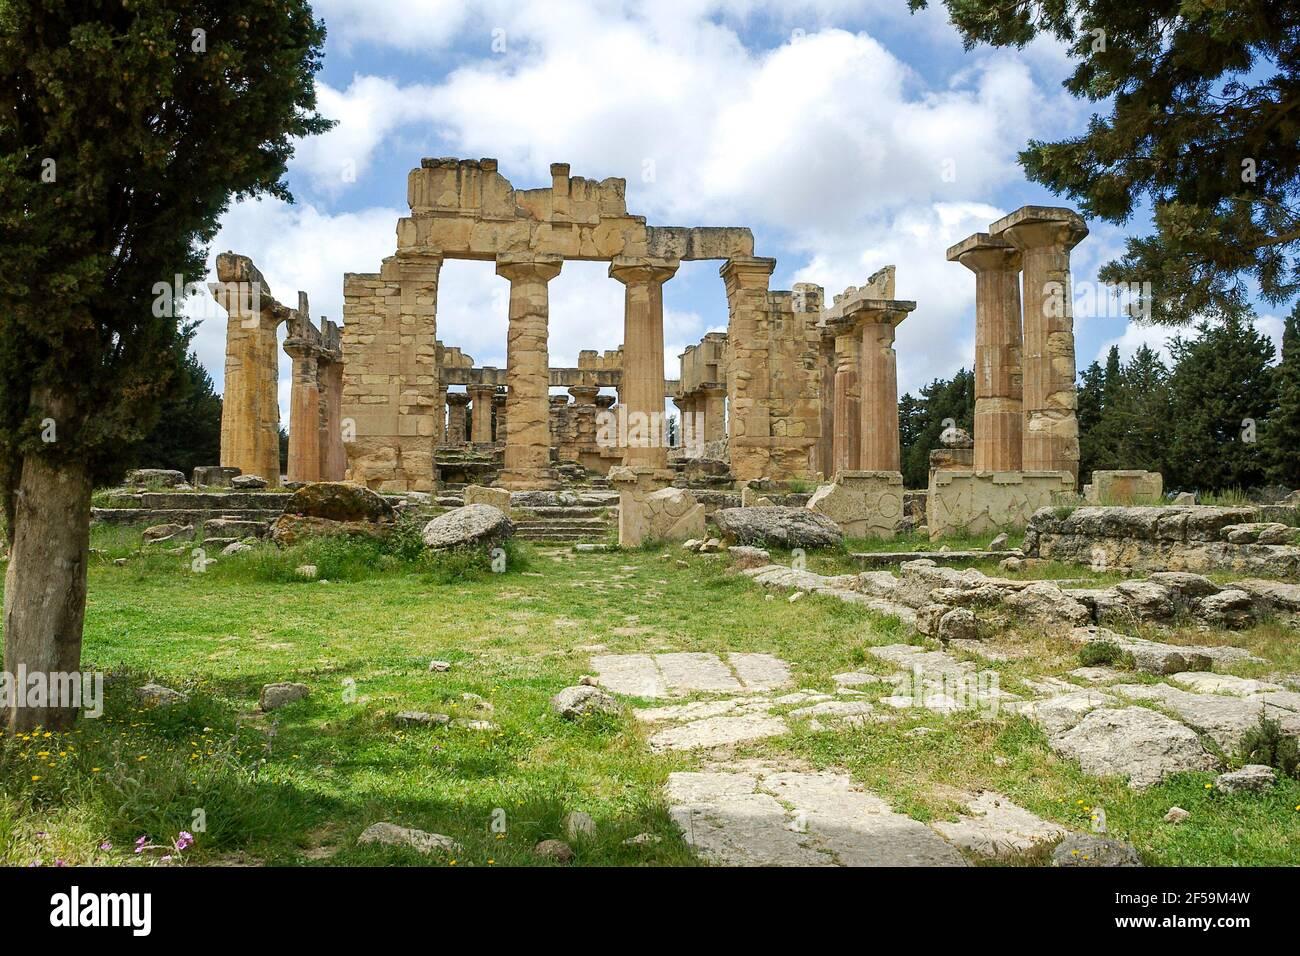 Tempio di Zeus, Cirene, Libia Foto Stock